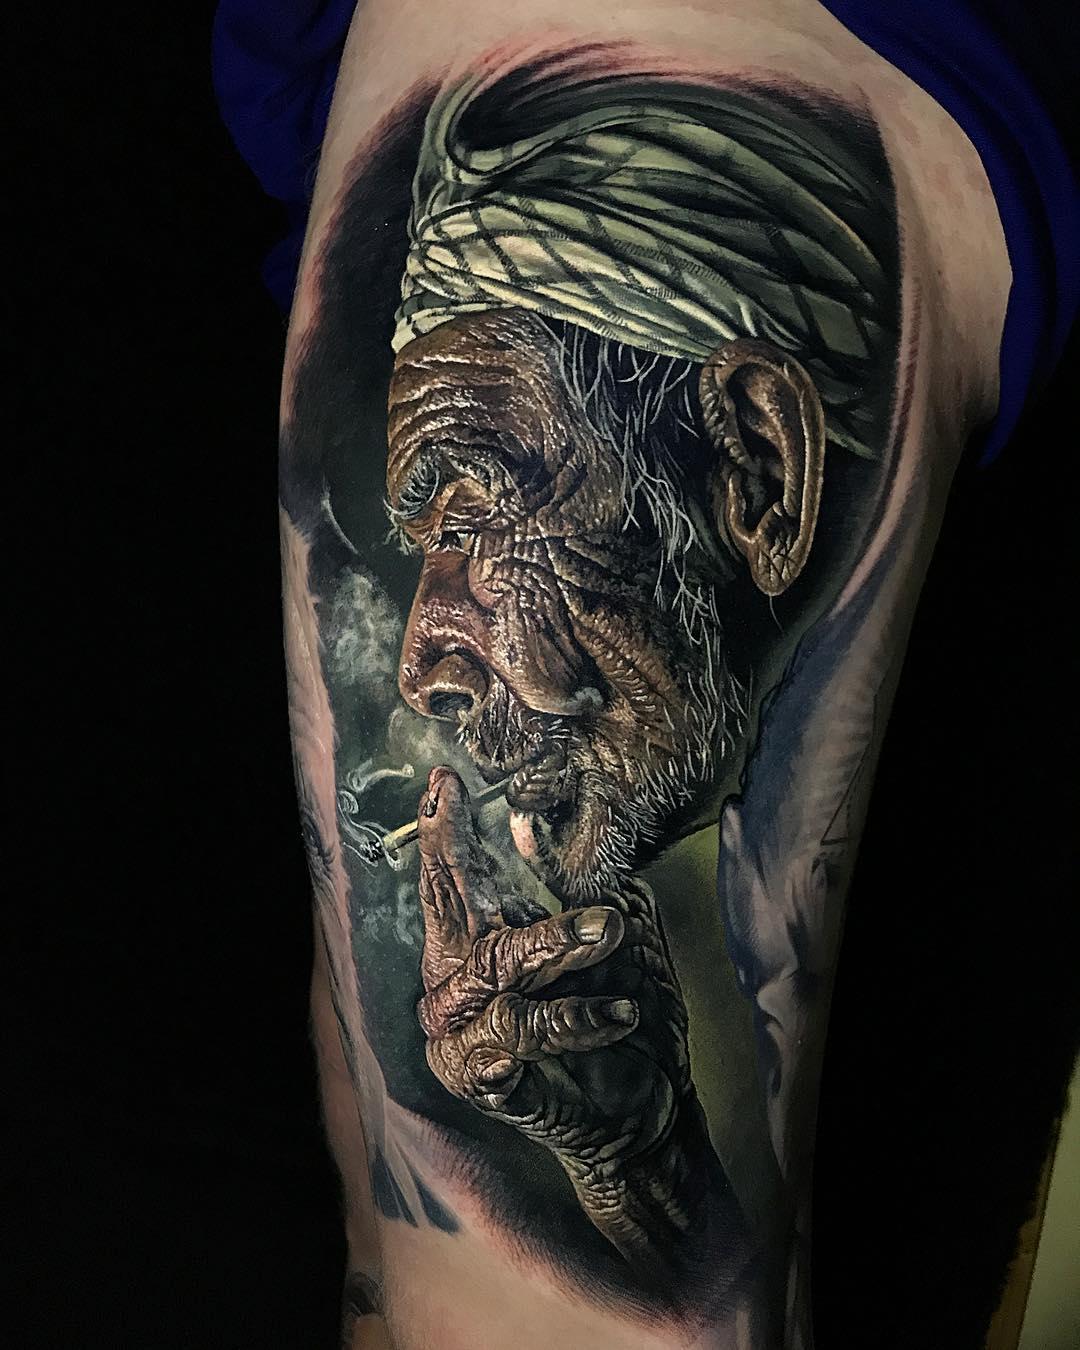 Steve Butcher, Intenze, реализм, портретная татуировка, лучший татуировщик, авторский набор, тату-краска, красящий пигмент